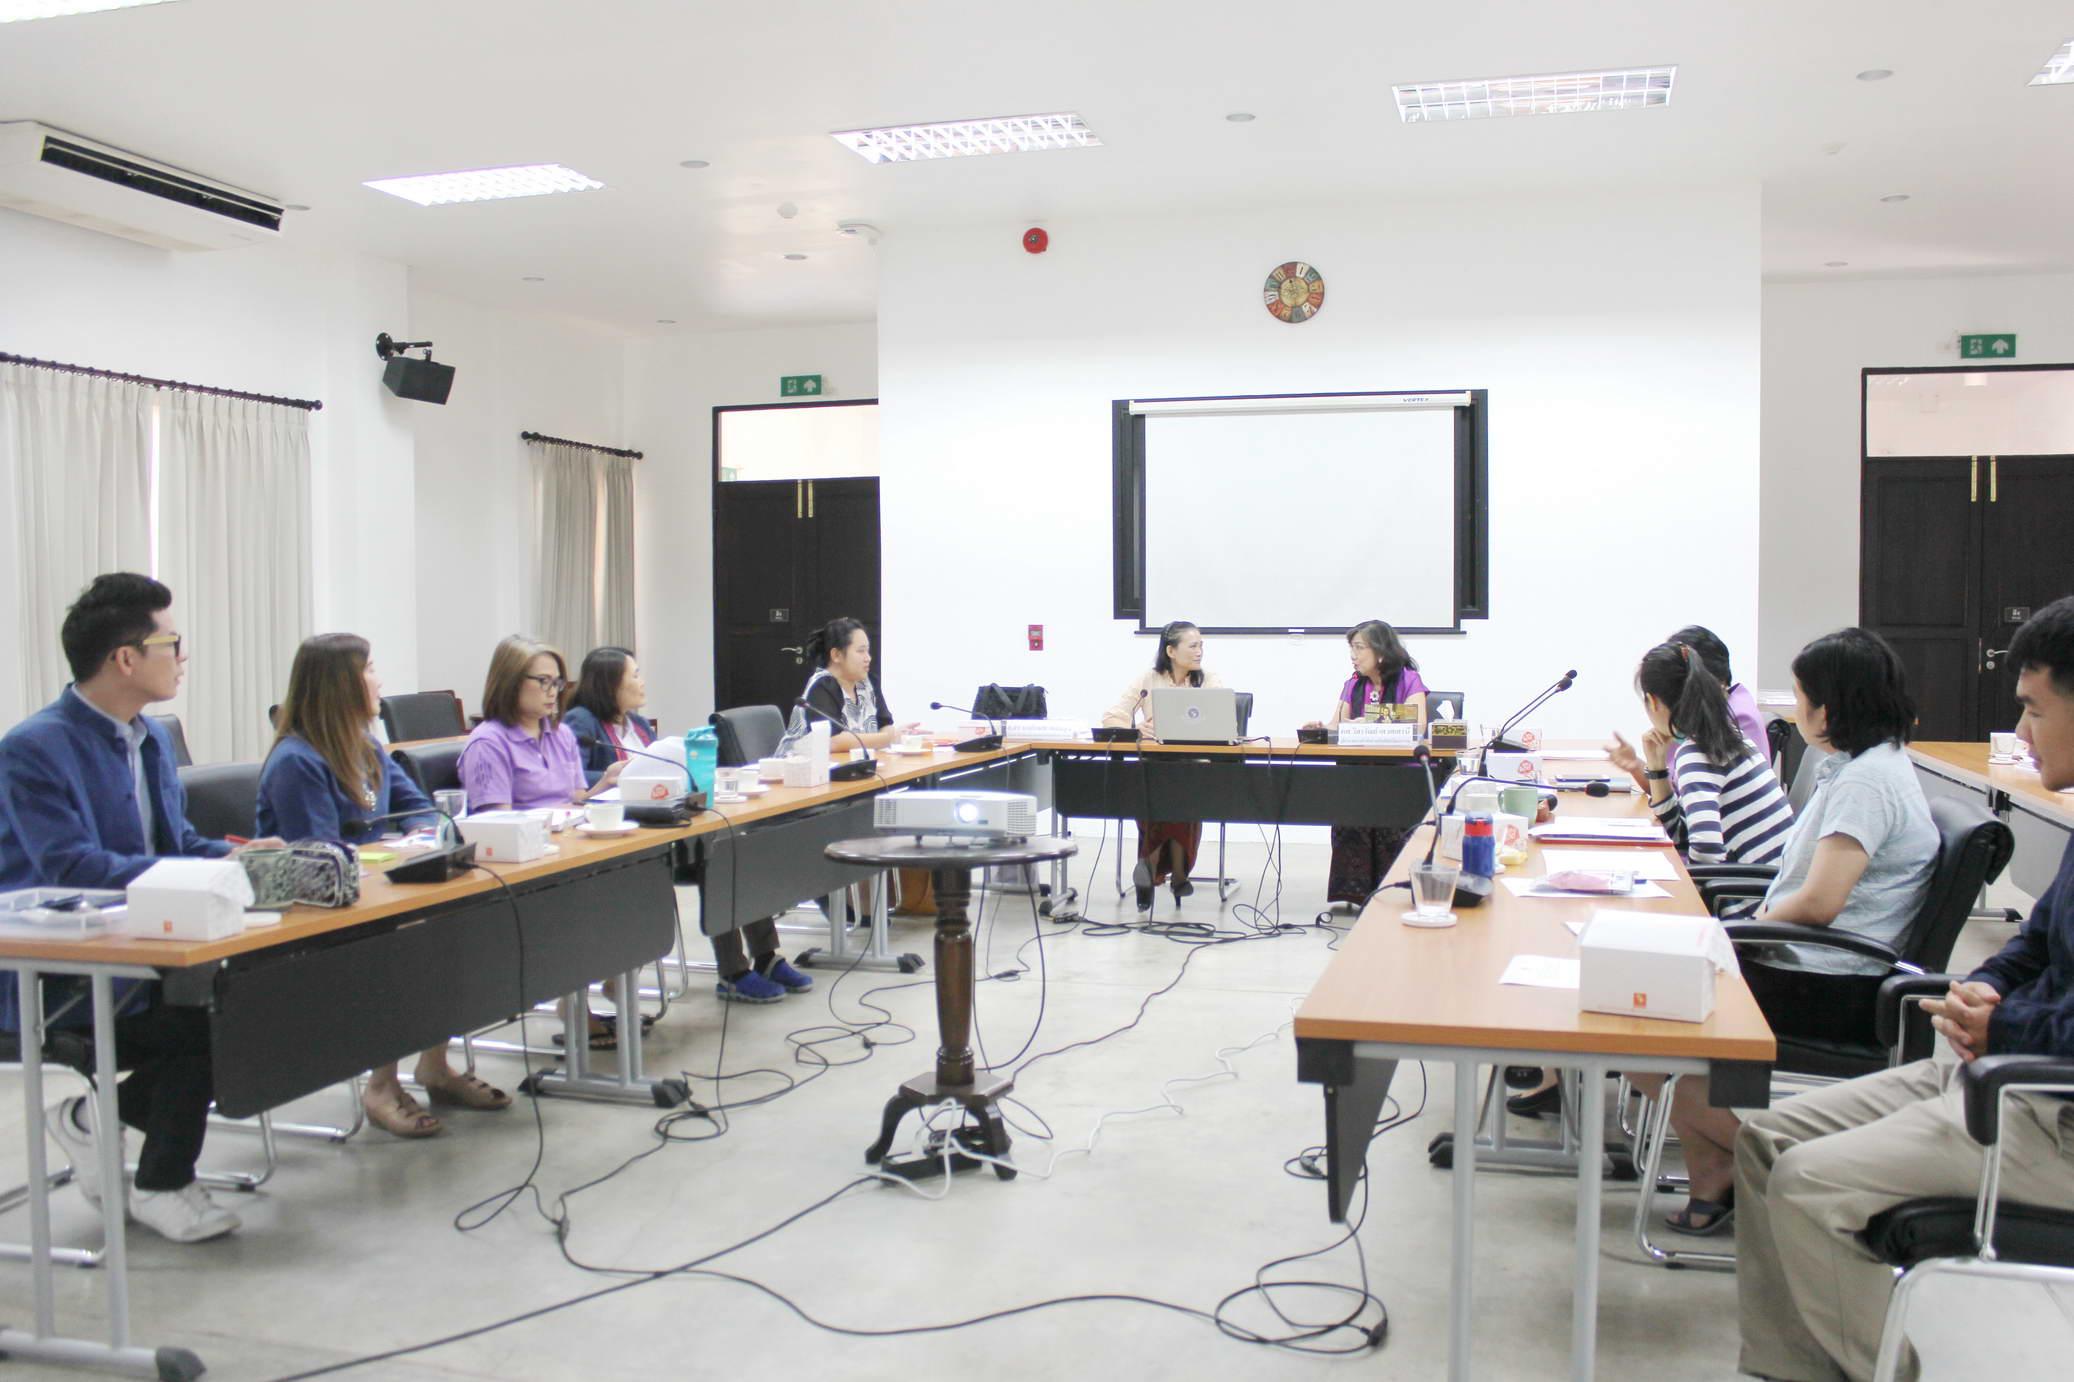 การบรรยายเกี่ยวกับการประกันคุณภาพการศึกษาตามเกณฑ์ CMU-EdPEx:System Approaches